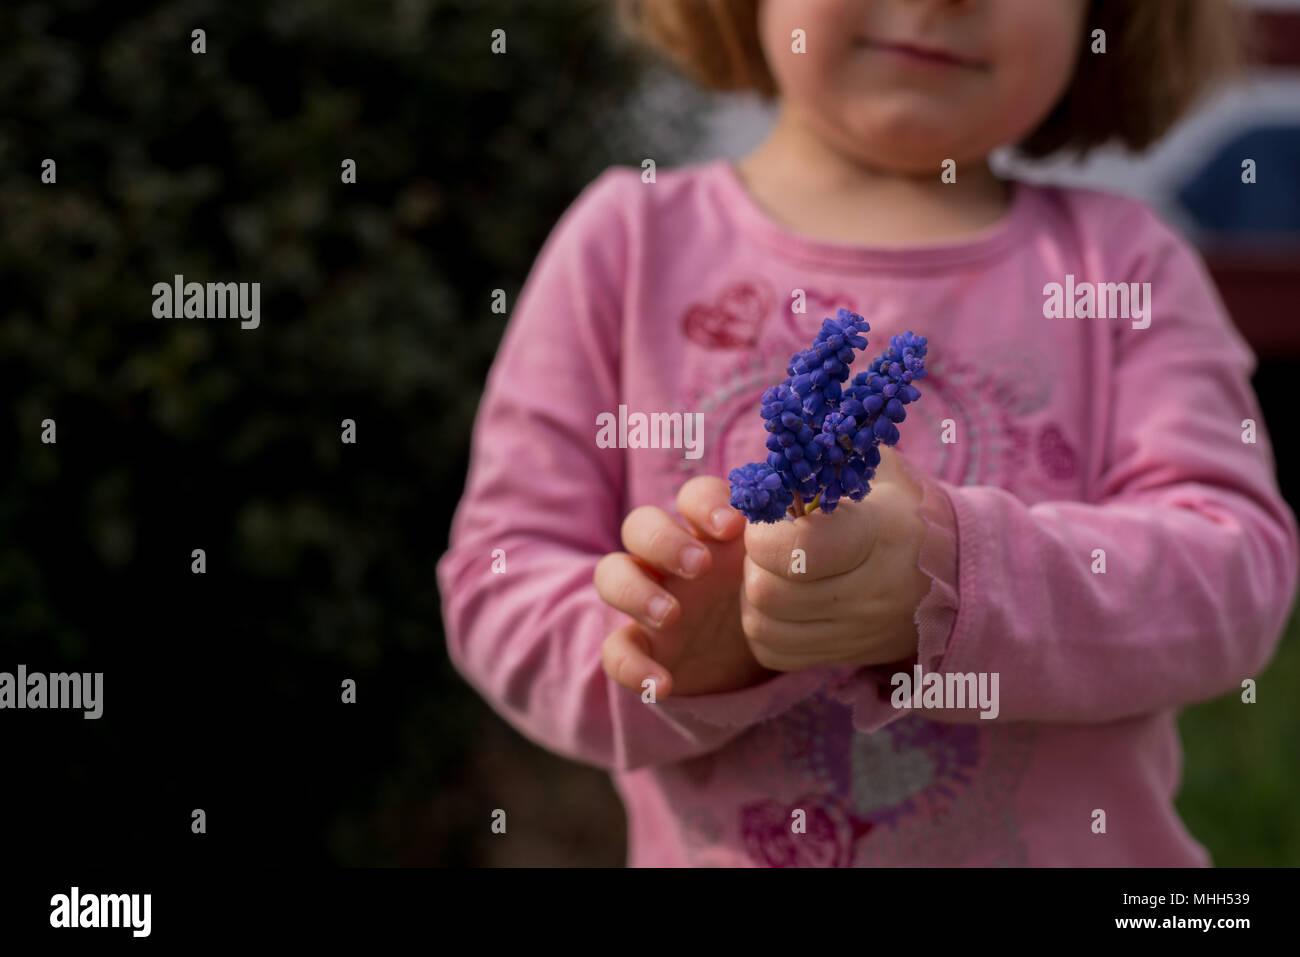 Ein kleines Mädchen hält einen Strauß lila Hyazinthen Blumen im Frühjahr. Stockbild